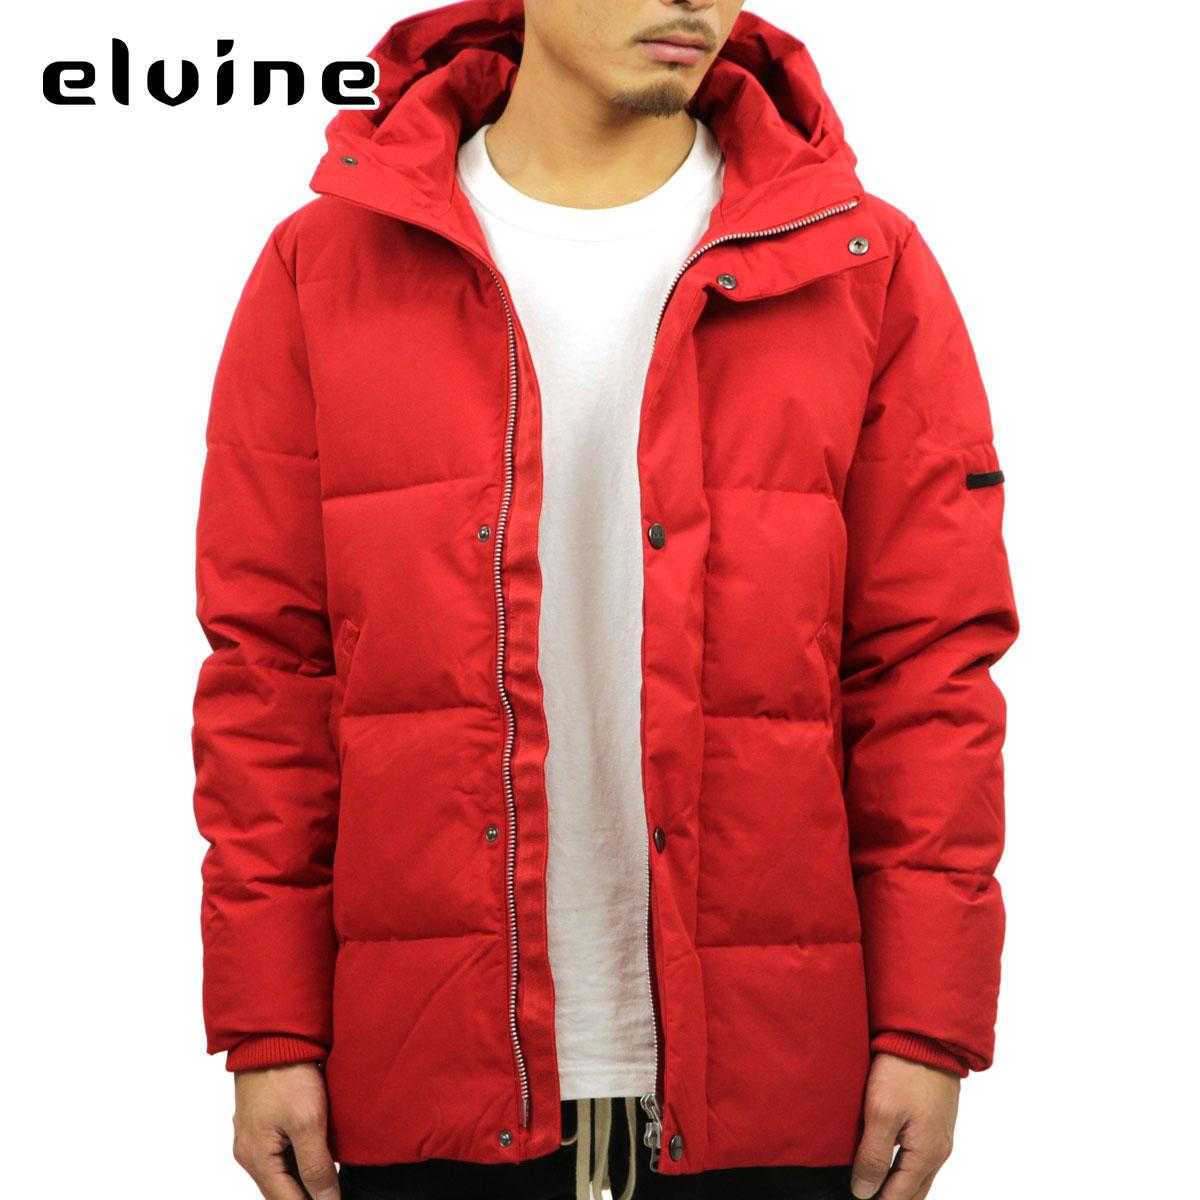 エルバイン elvine 正規販売店 メンズ アウター ダウンジャケット BRUNO SORONA ECO DOWN TOUCH JACKET 183015 RED